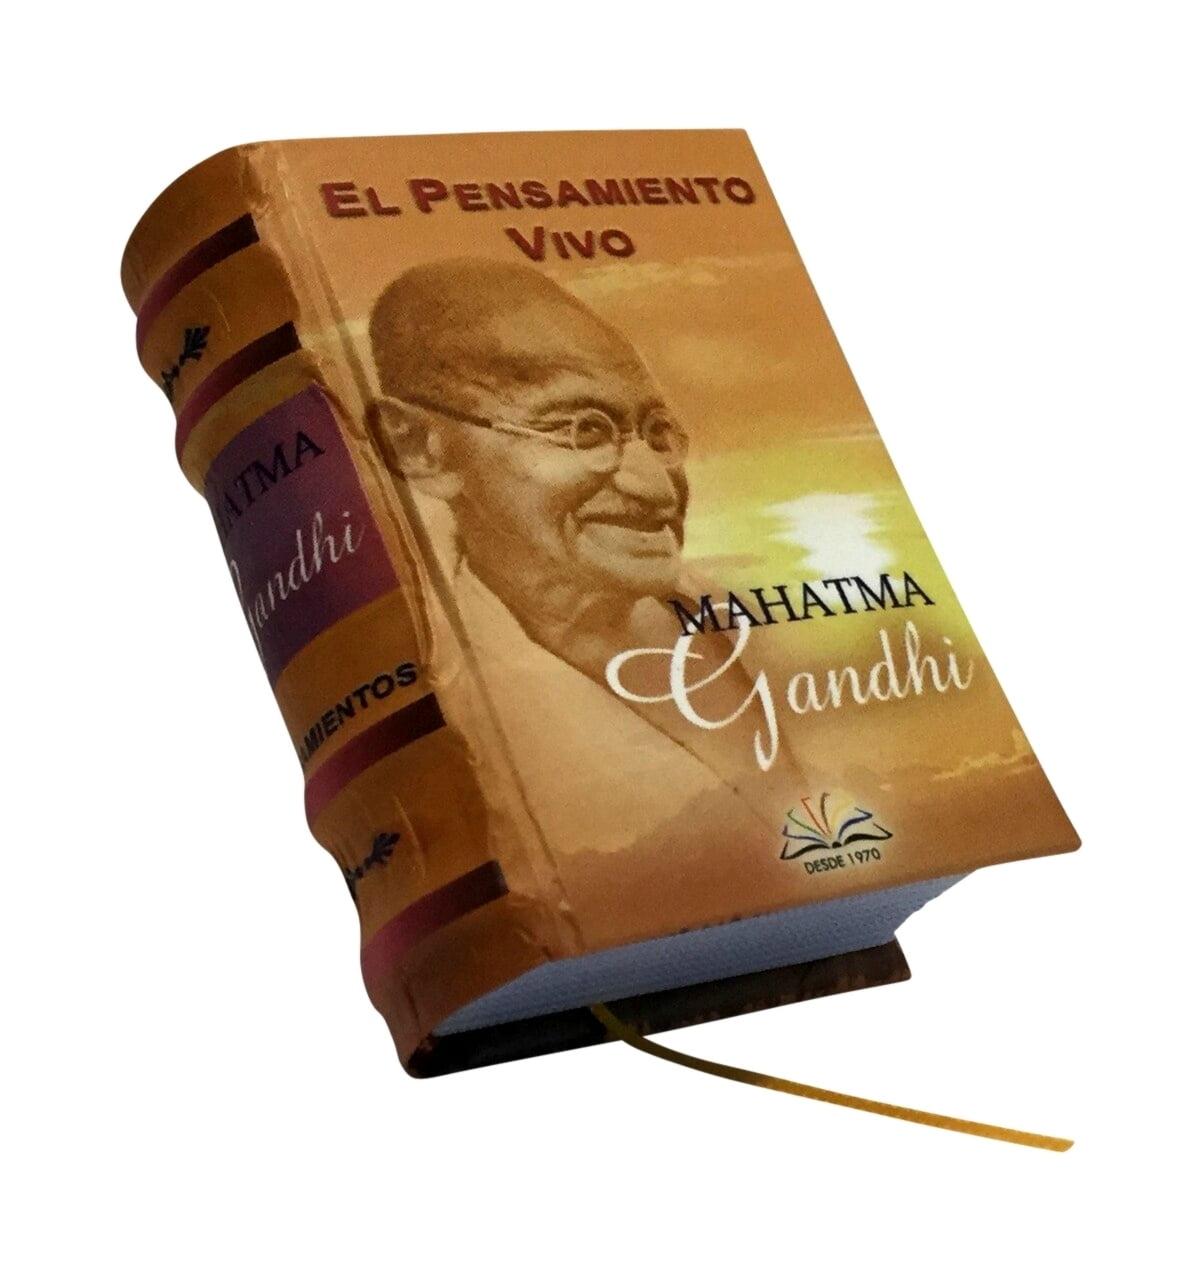 el-pensamiento-vivo-mahatma-gandhi-miniature-book-libro